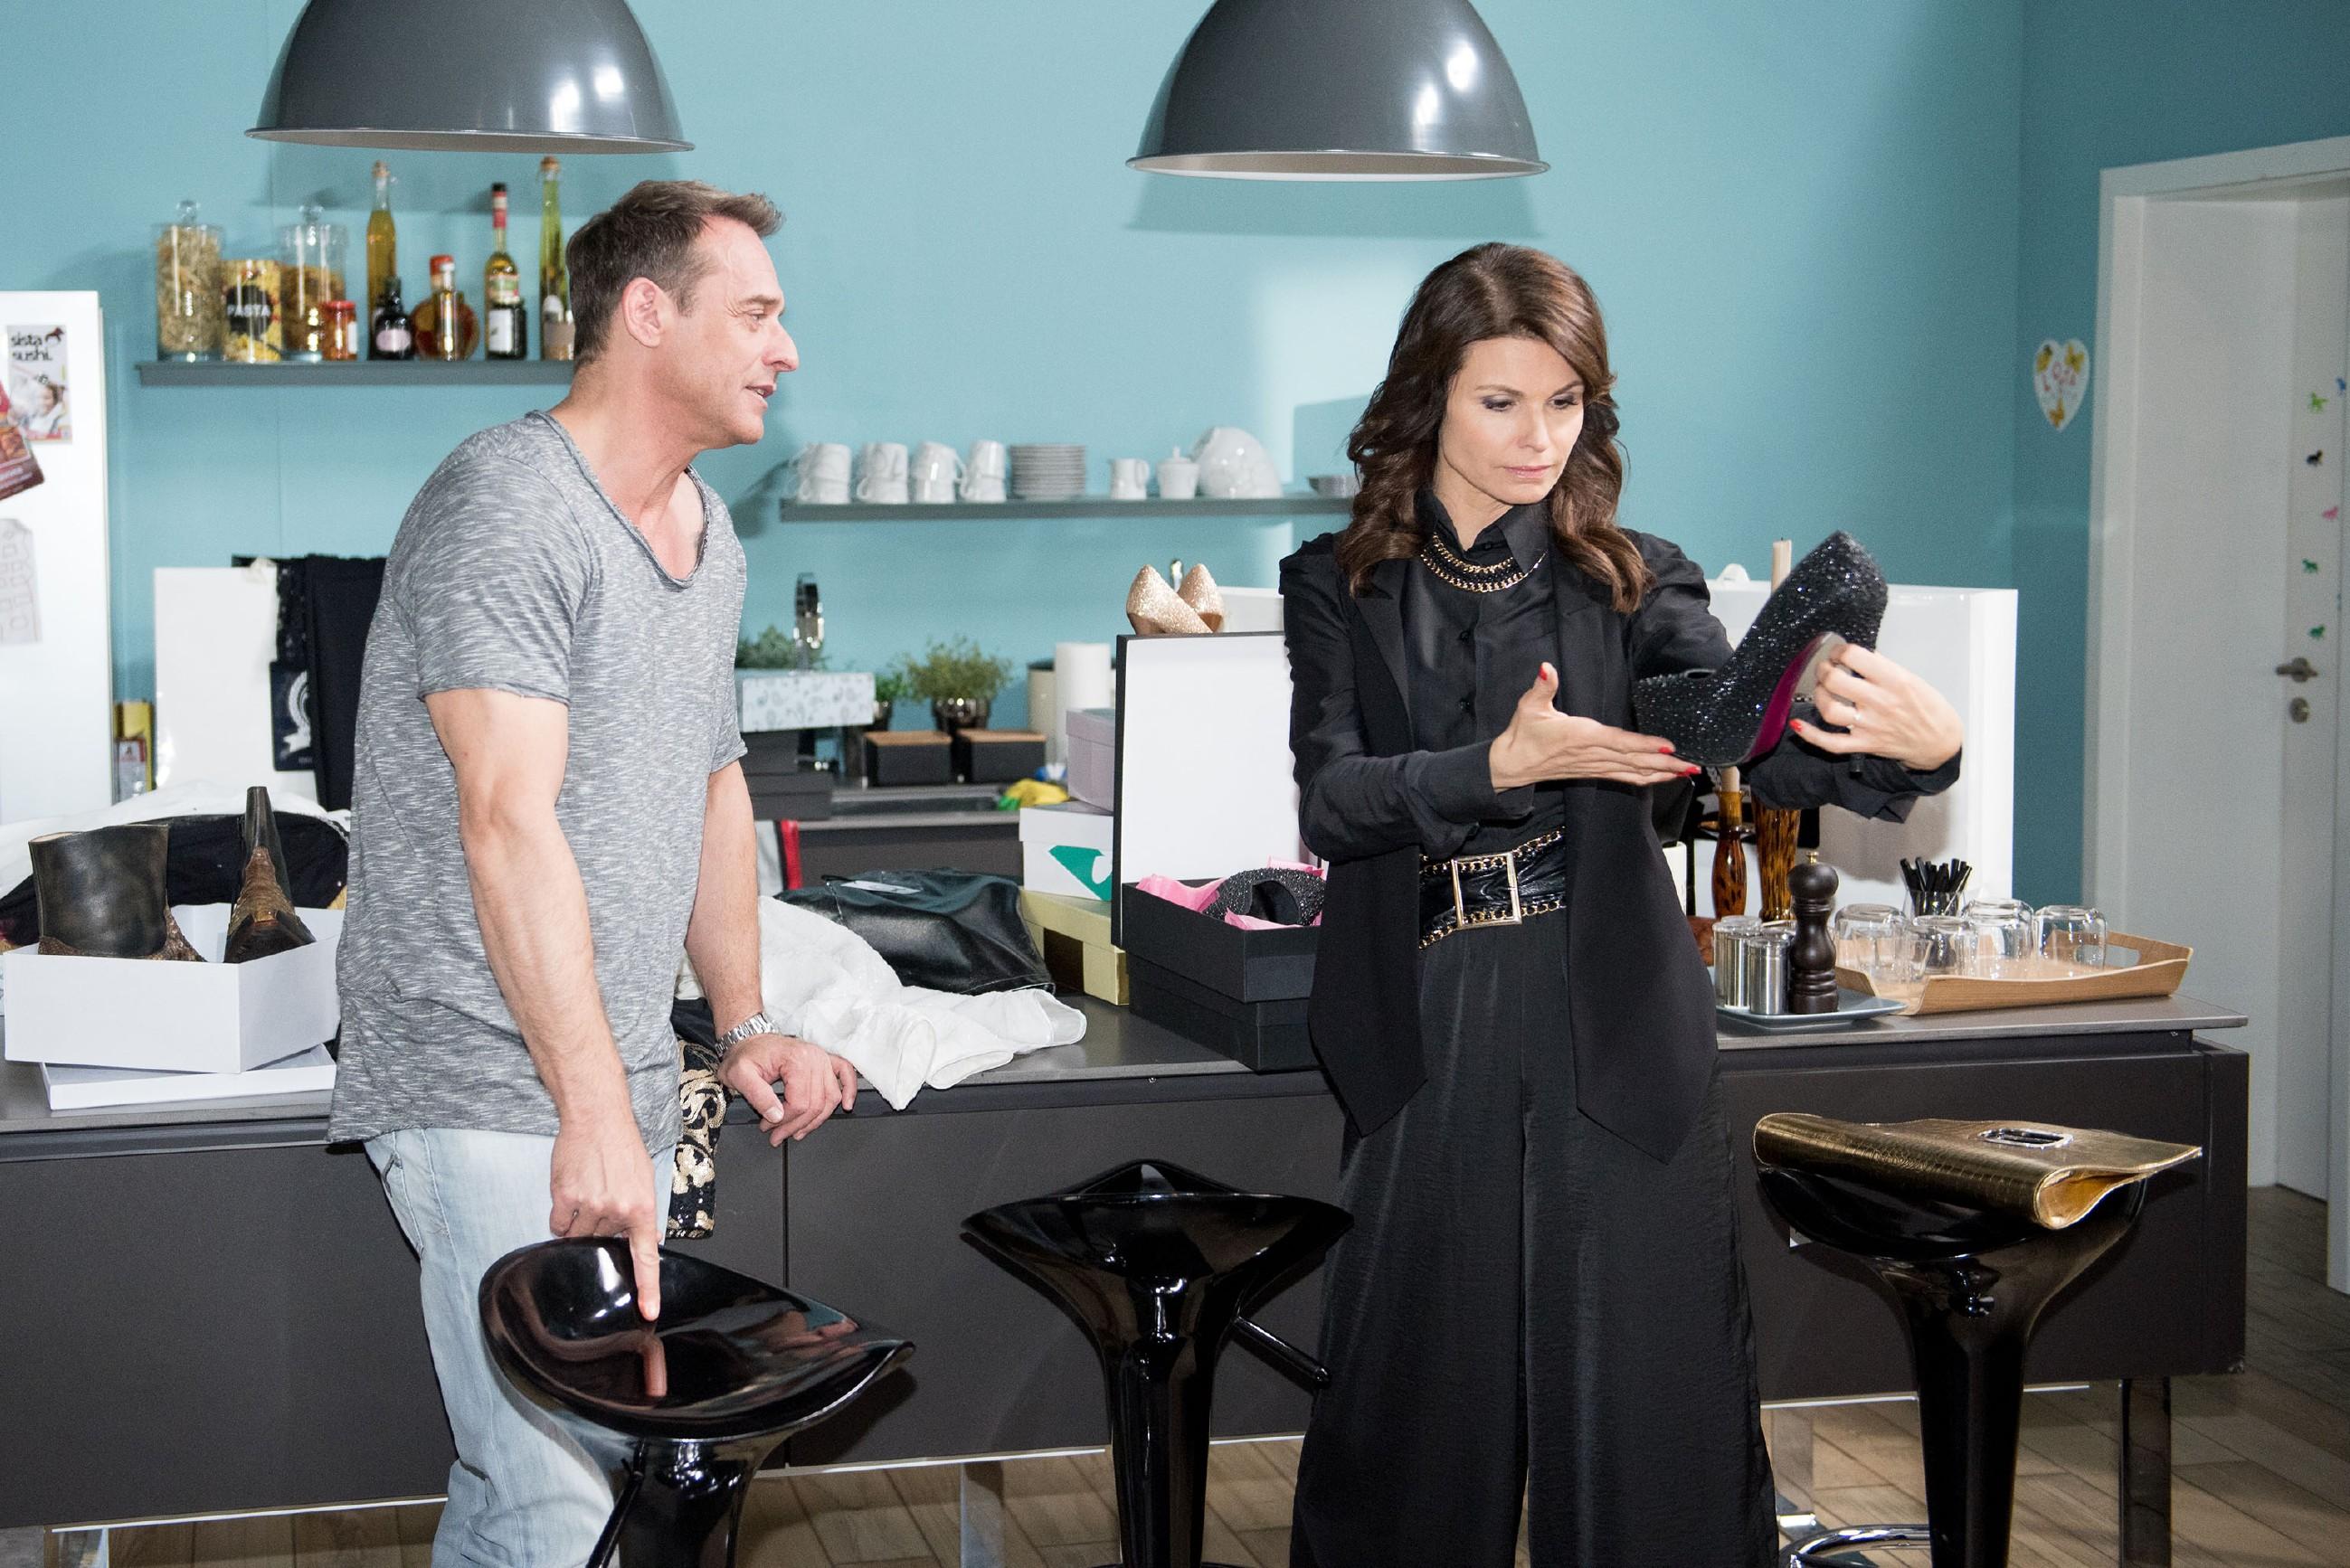 Rufus (Kai Noll) und Britta (Tabea Heynig) geraten über Brittas Luxuseinkauf in Streit: Während Rufus ihr Egoismus vorwirft, hält Britta ihn für einen Spielverderber. (Quelle: RTL / Stefan Behrens)